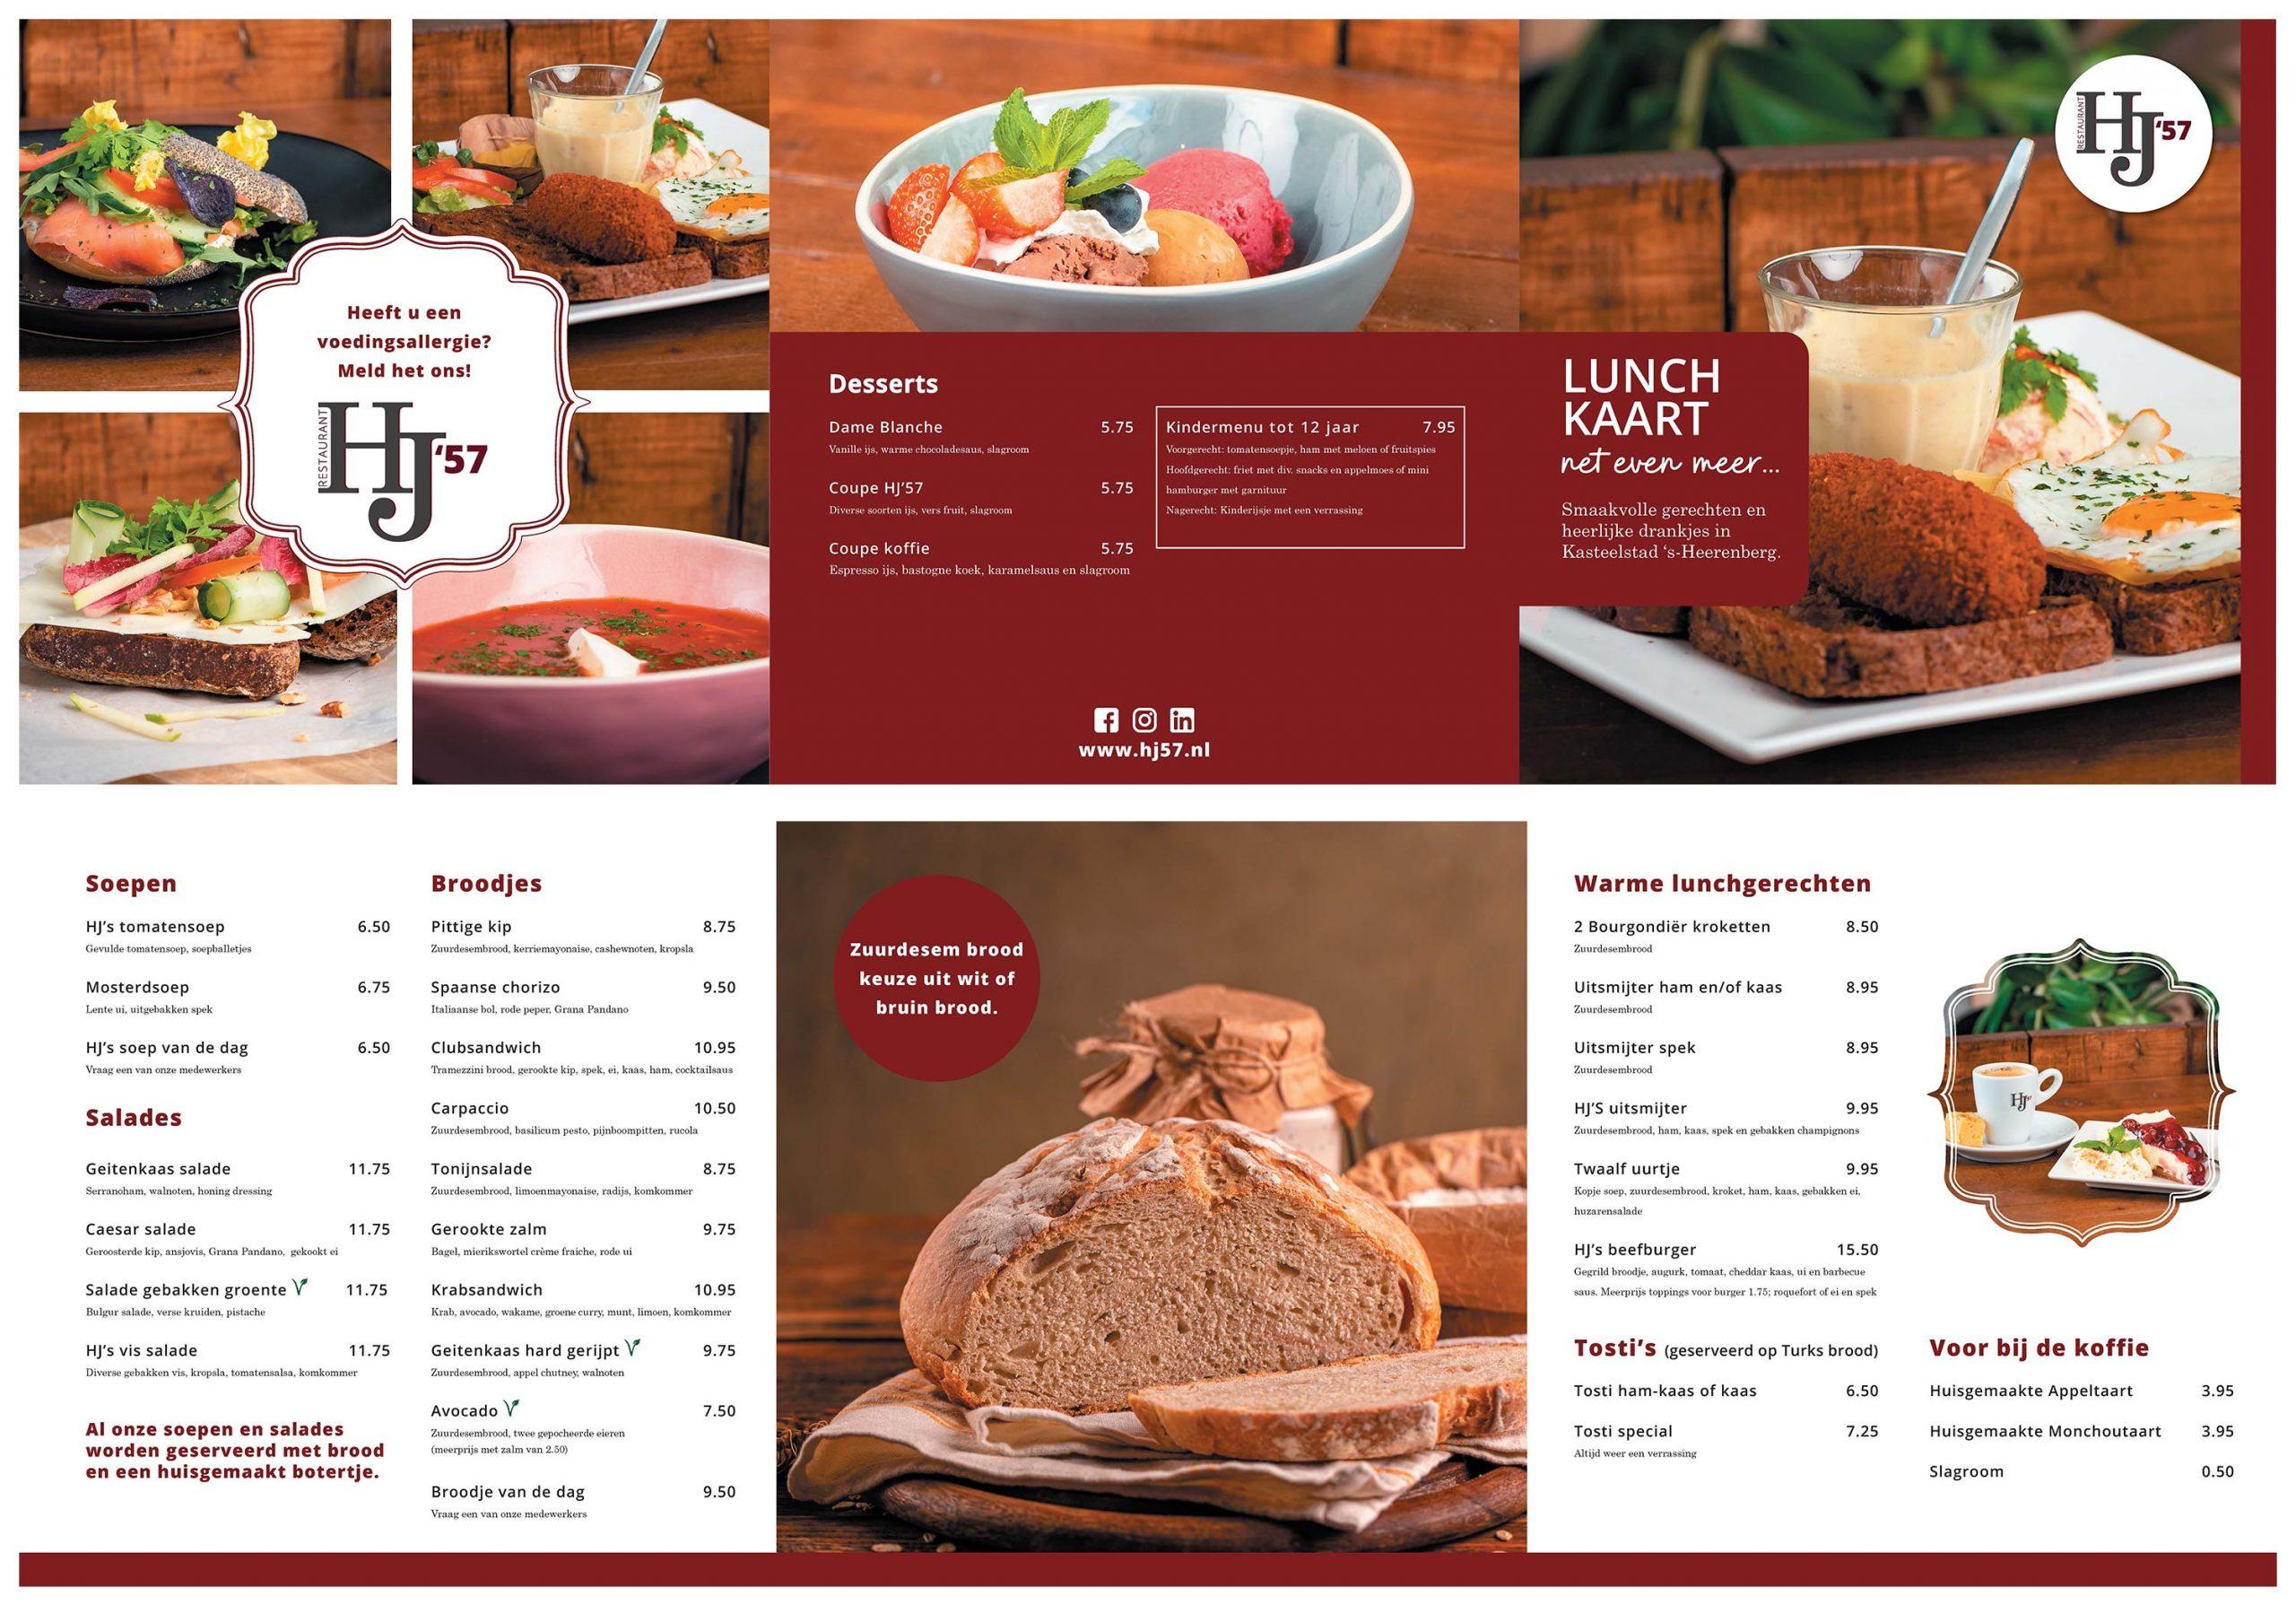 hj57_lunchkaart2021_paginas2